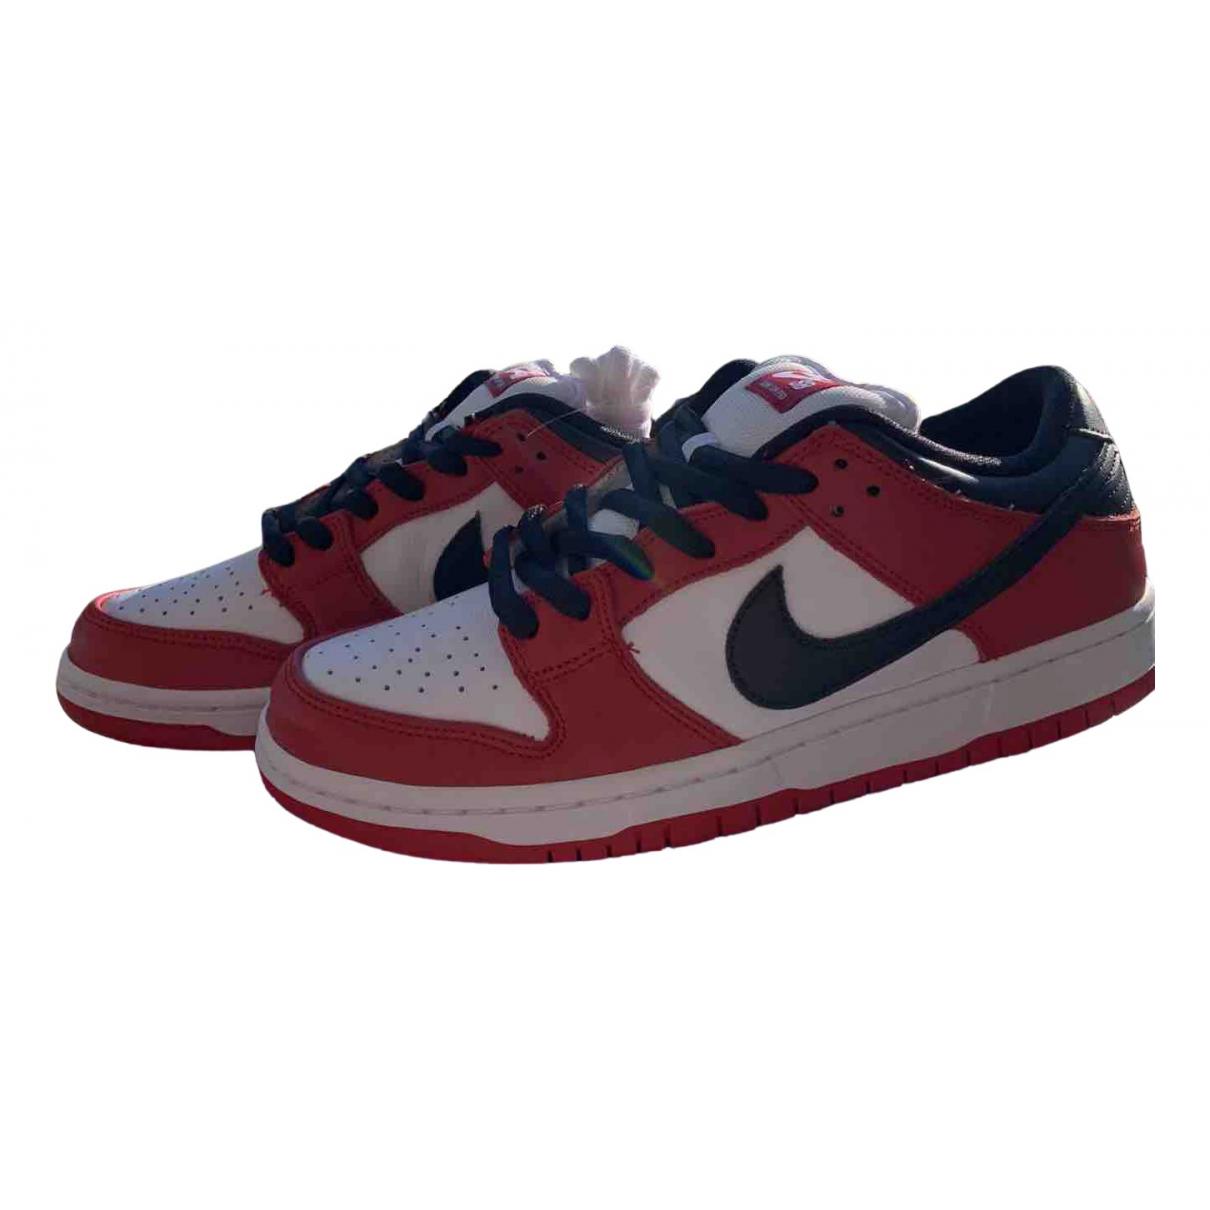 Nike - Baskets SB Dunk  pour homme en cuir - rouge